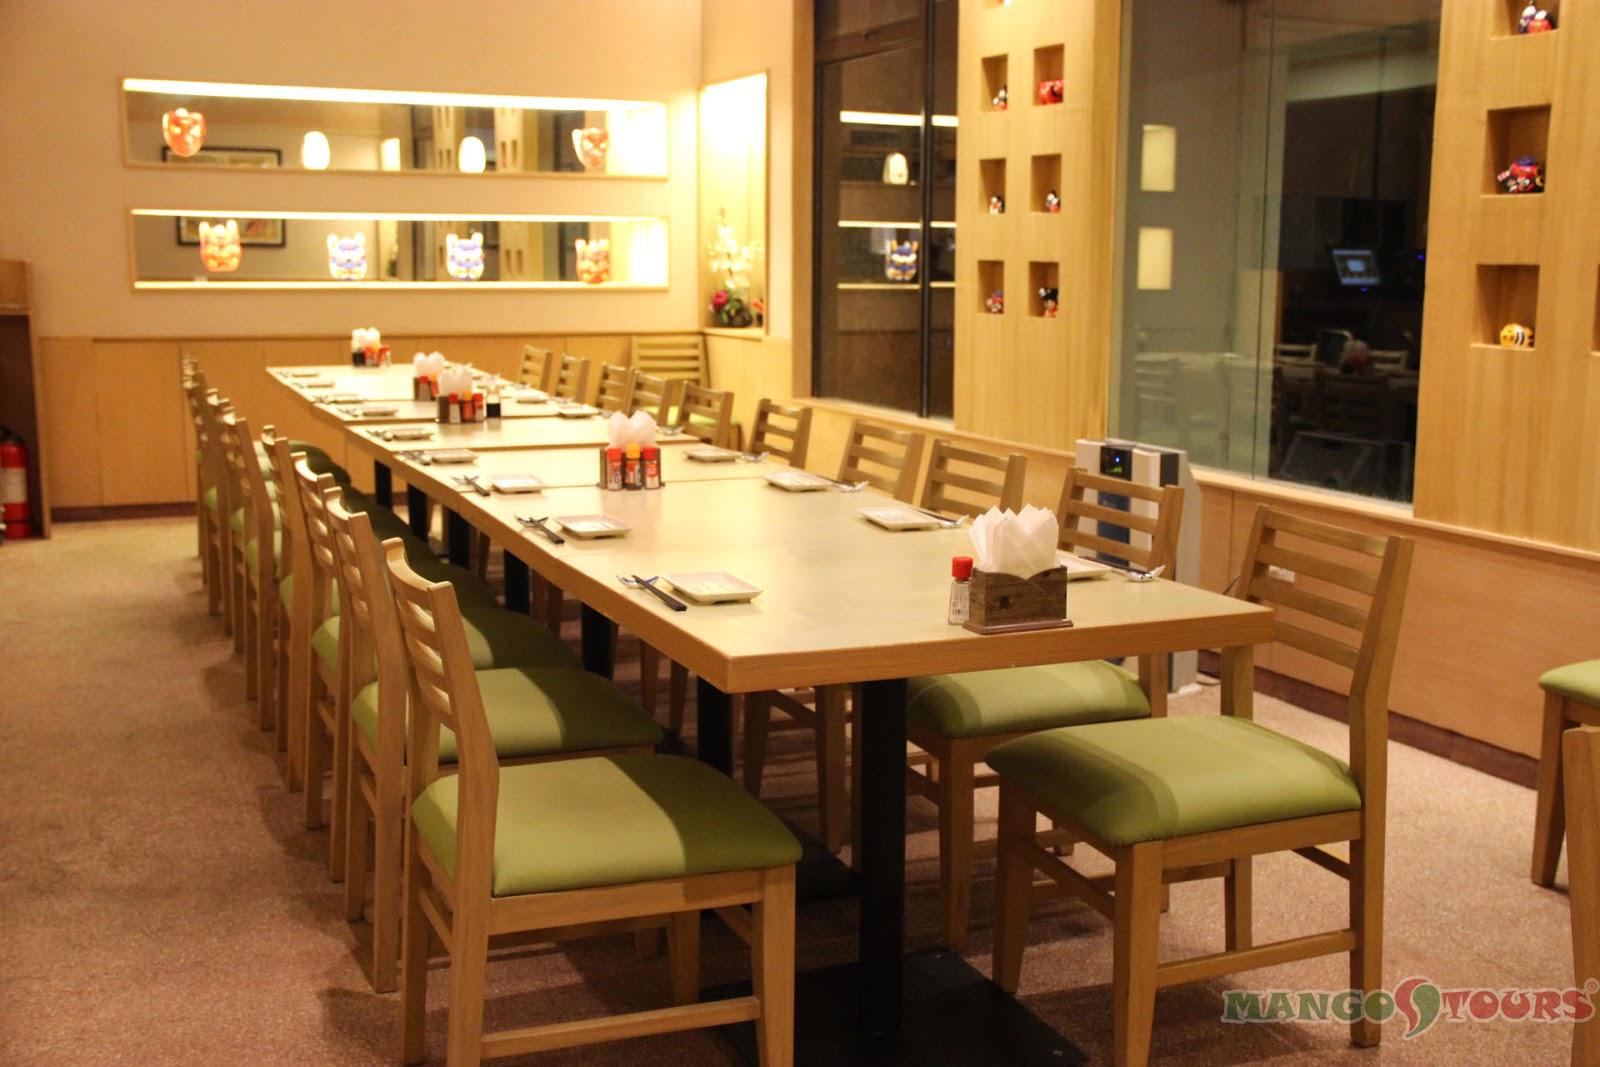 Mango Tours Microtel by Wyndham Sto. Tomas Batangas Minore-Tei restaurant dining